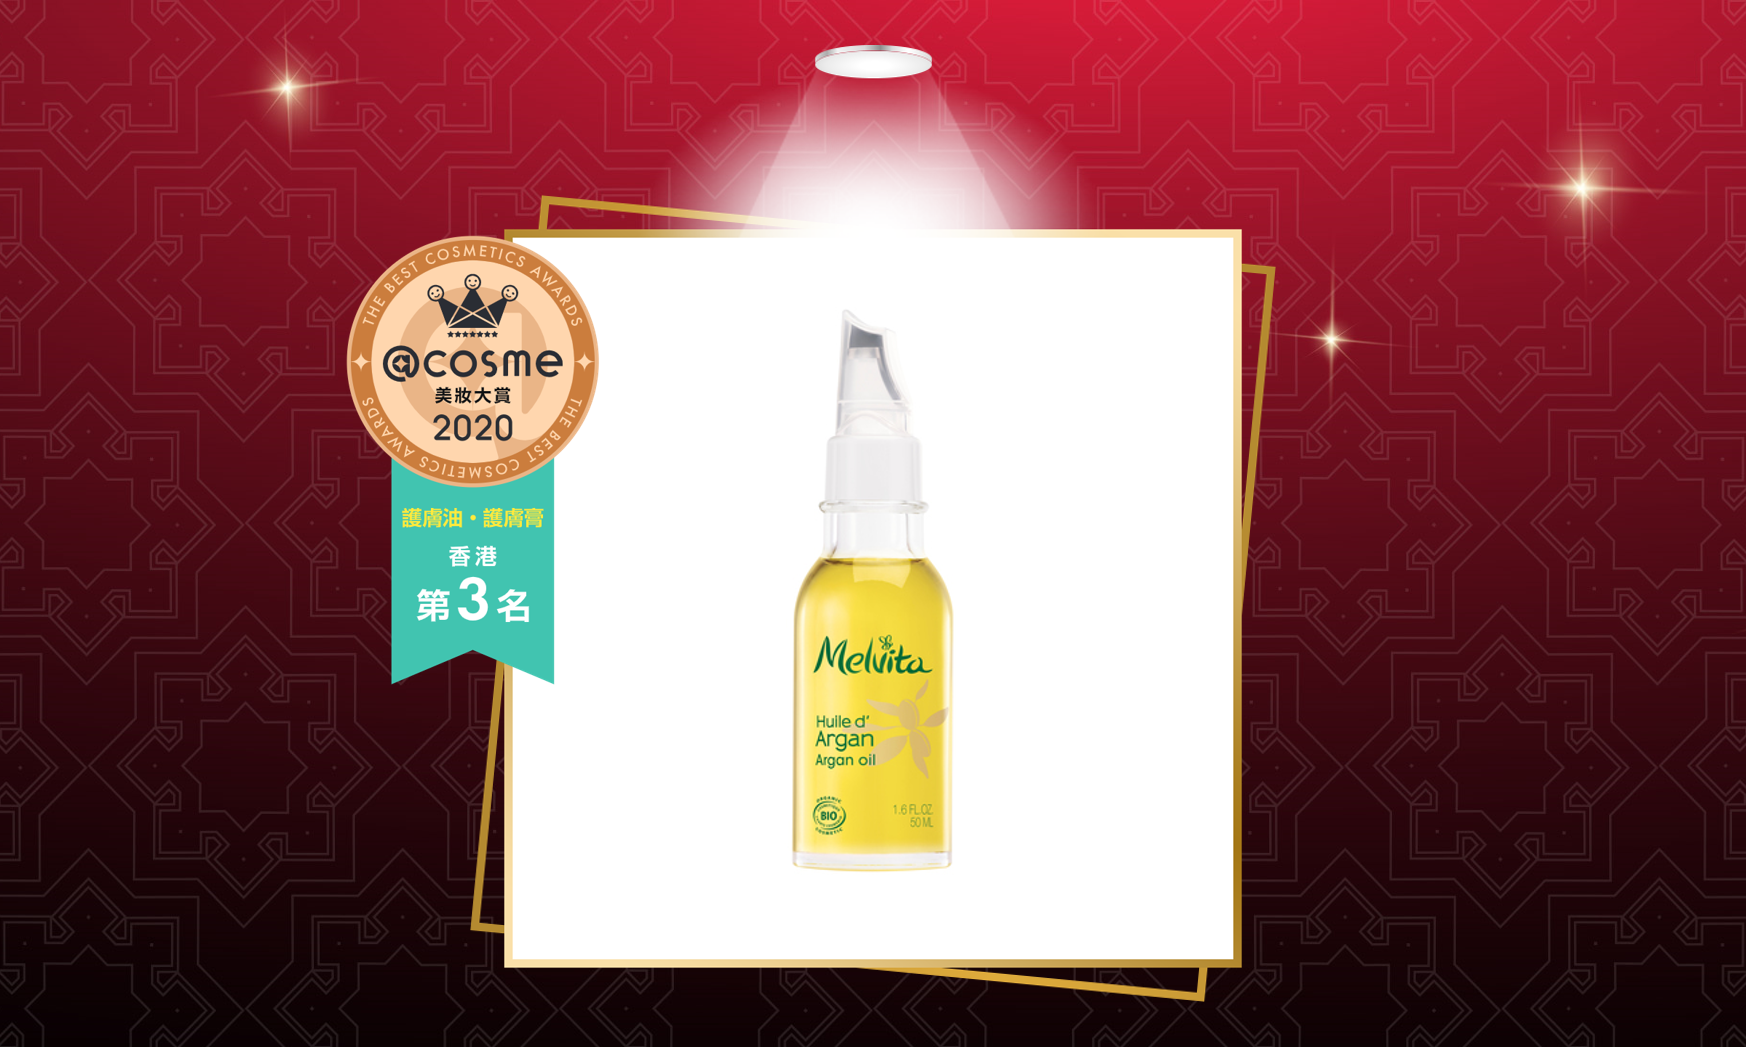 2020年度香港美妝大賞 護膚油・護膚膏部門 Melvita 有機堅果油